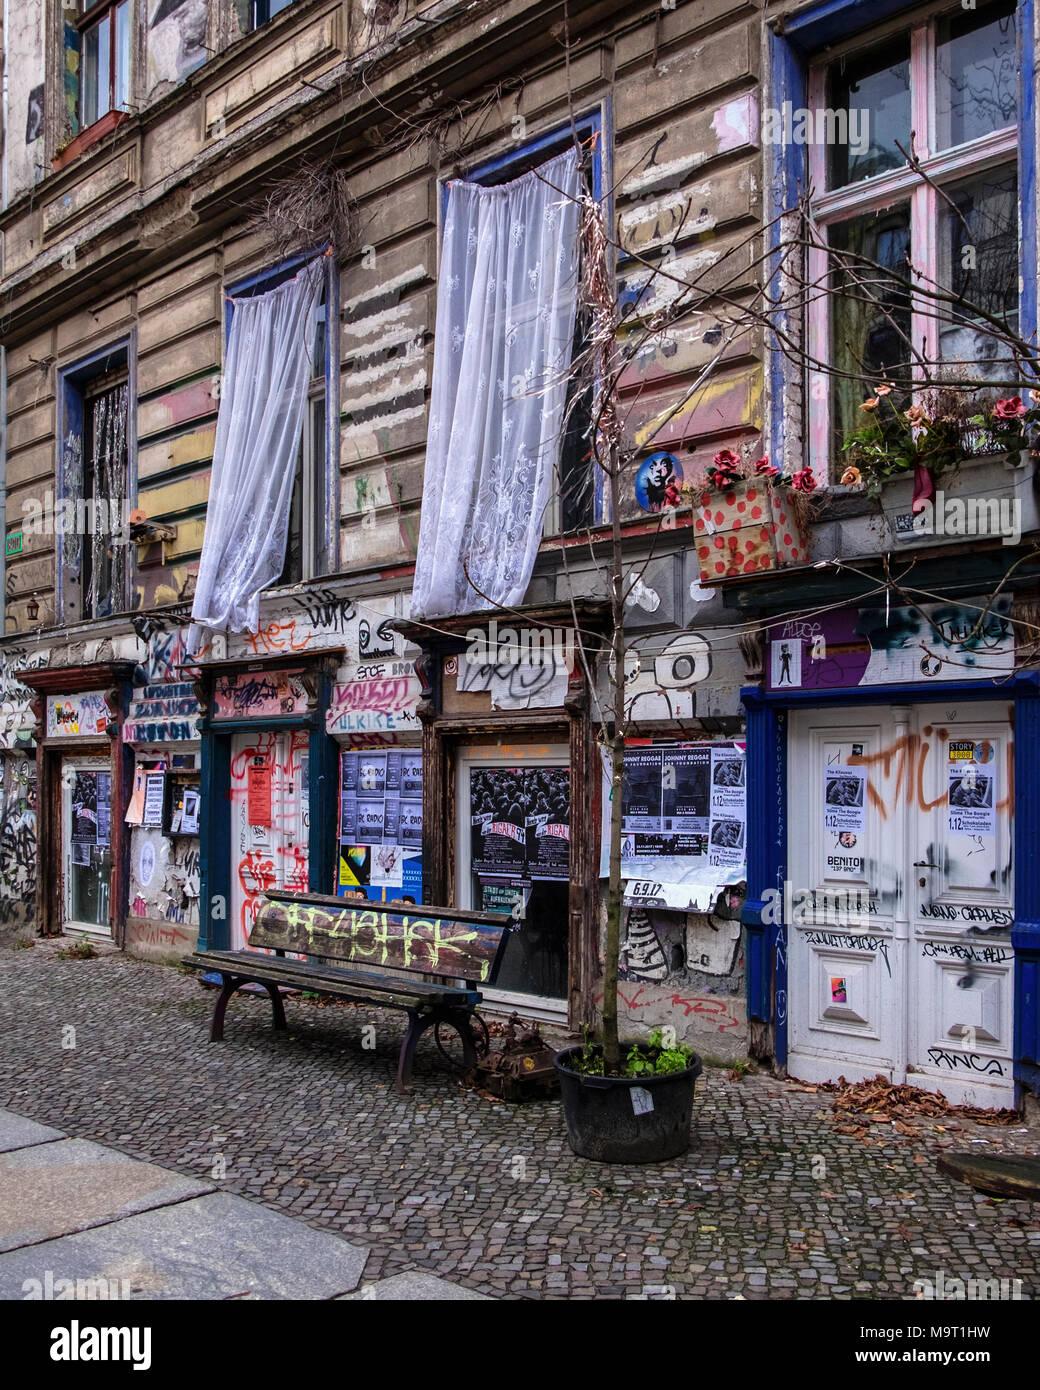 Prenzlauerberg à Berlin,KA-86. L'extérieur de l'ancien squat délabré bâtiment avec des affiches et des rideaux fenêtre étendus dehors,décoration extérieur original Photo Stock